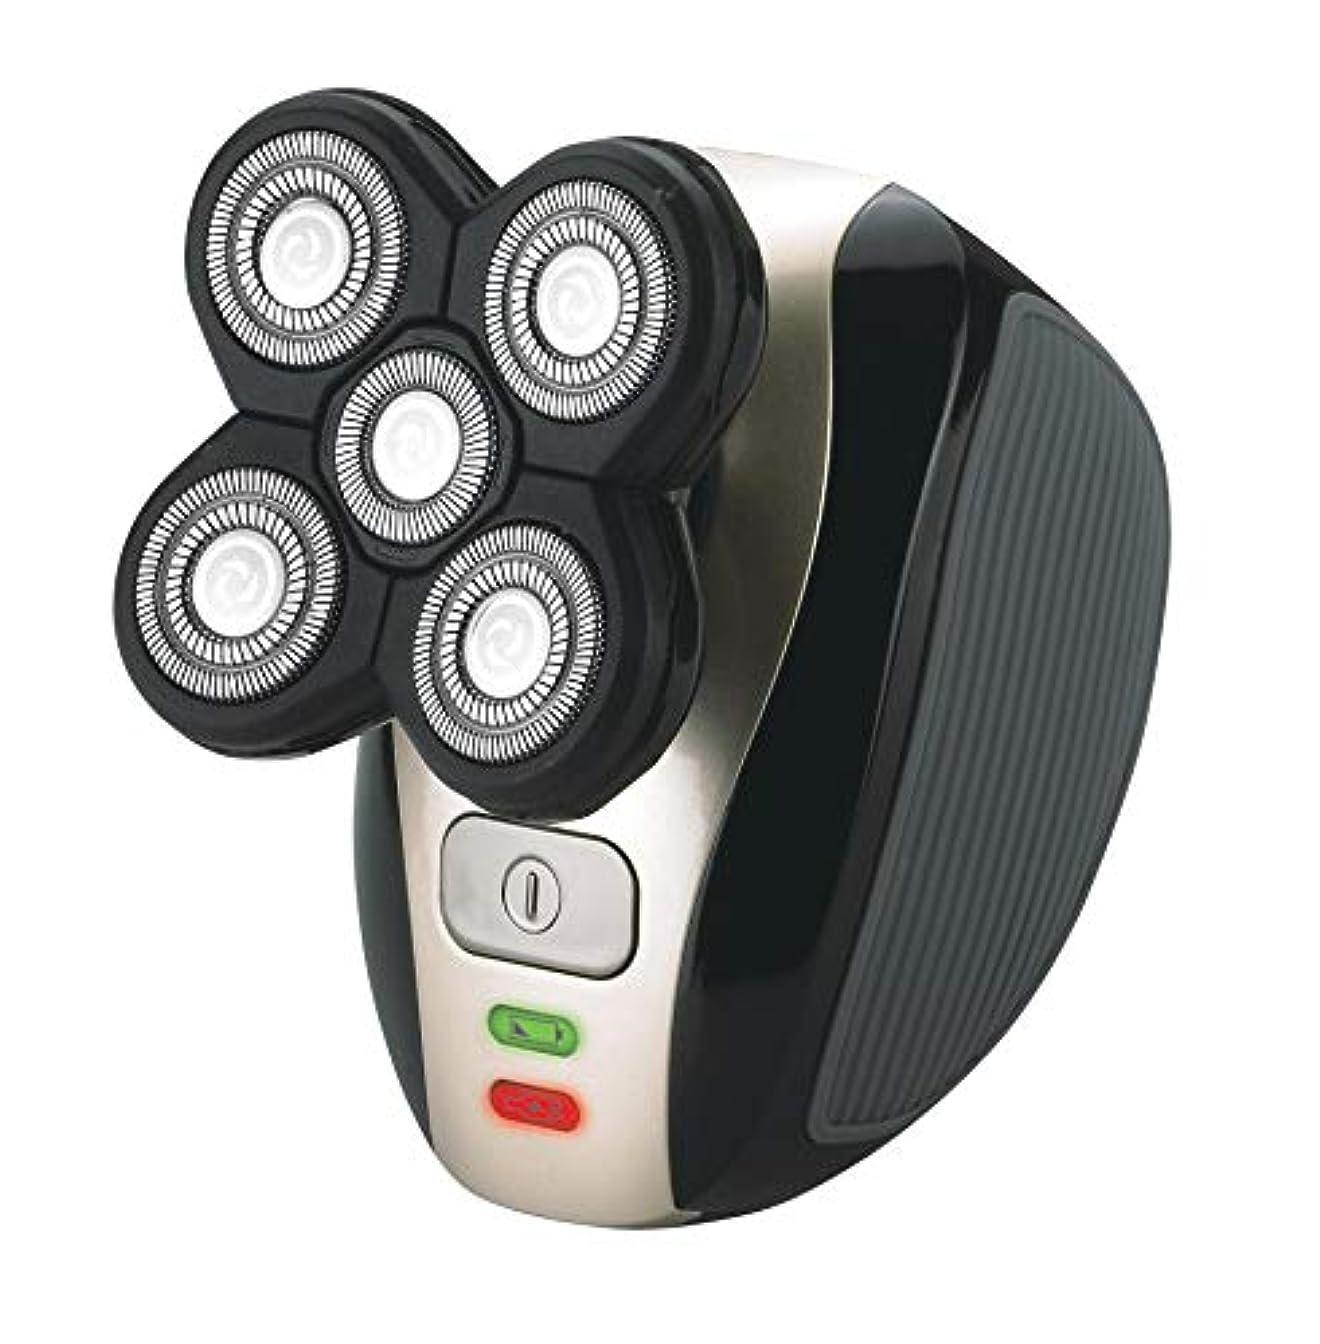 シャー軌道財産メンズ4D電気シェーバー、 5 in 1 洗えると充電式 ヘッドシェーバーひげトリマーウェットドライロータリーシェーバー鼻毛ひげトリマークリッパーフェイシャルクレンジングブラシ (シェーバーのみ)